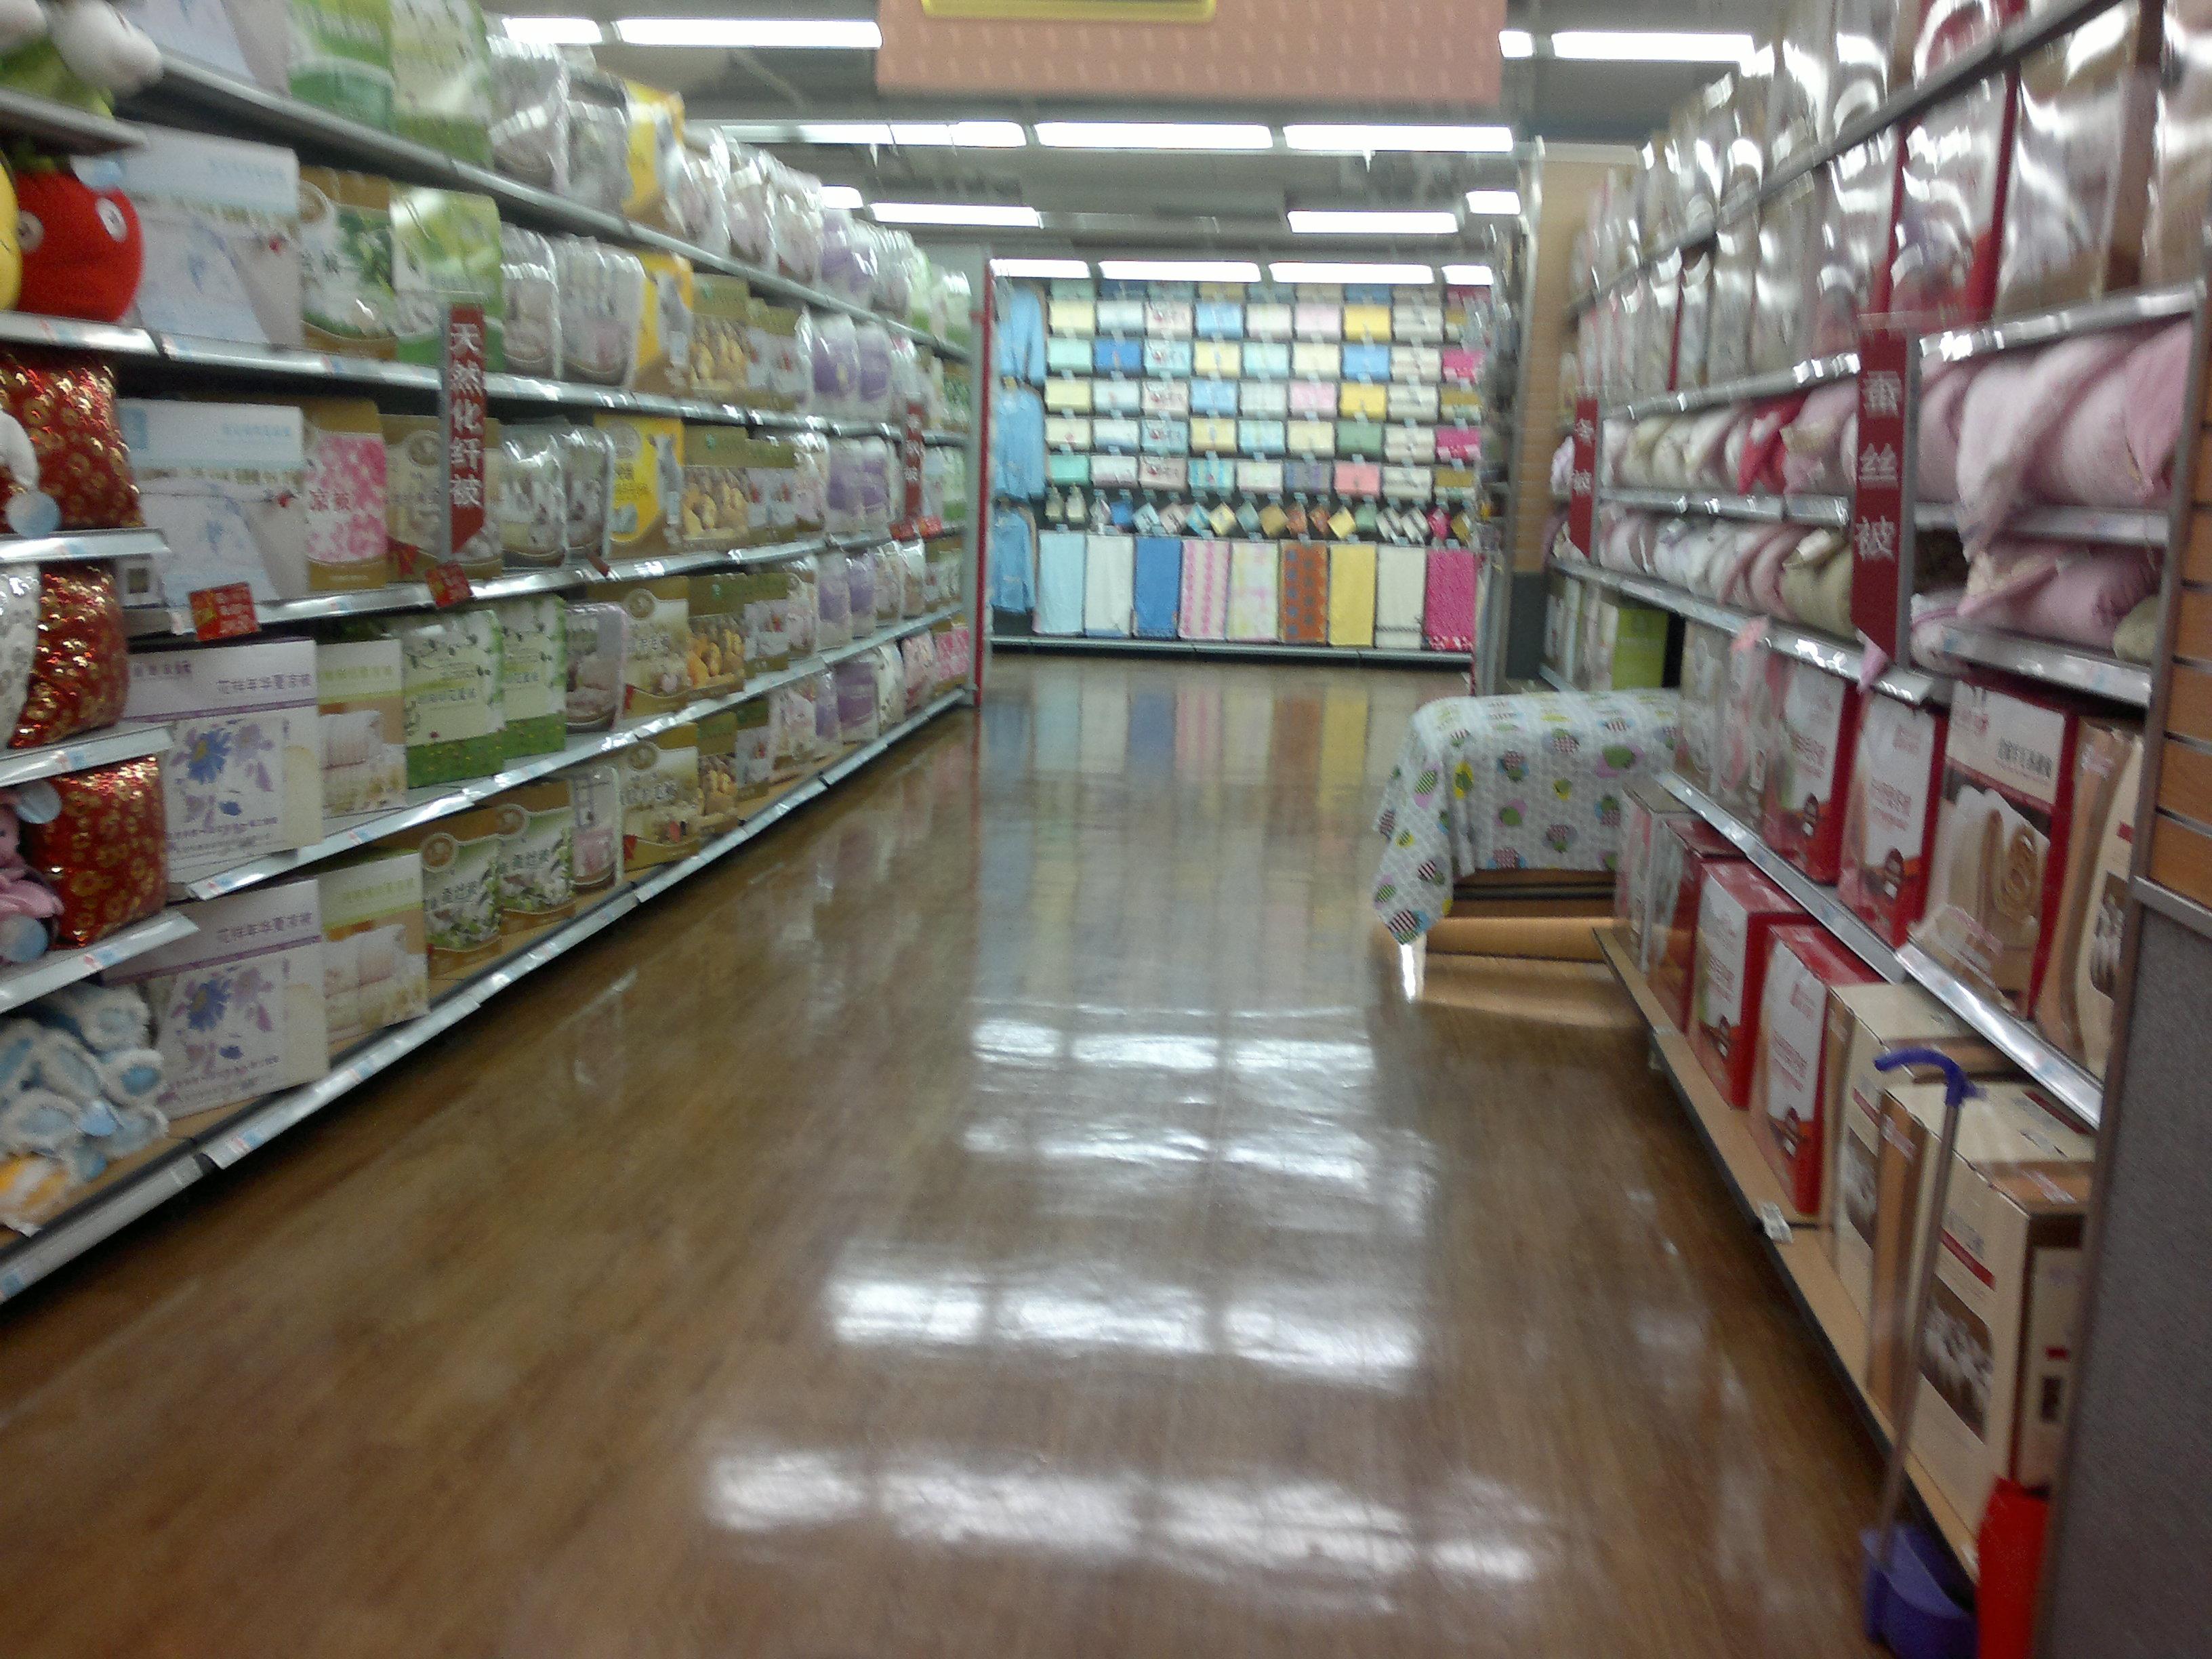 超市卖场陈列图片图片_超市卖场陈列图片图片下载